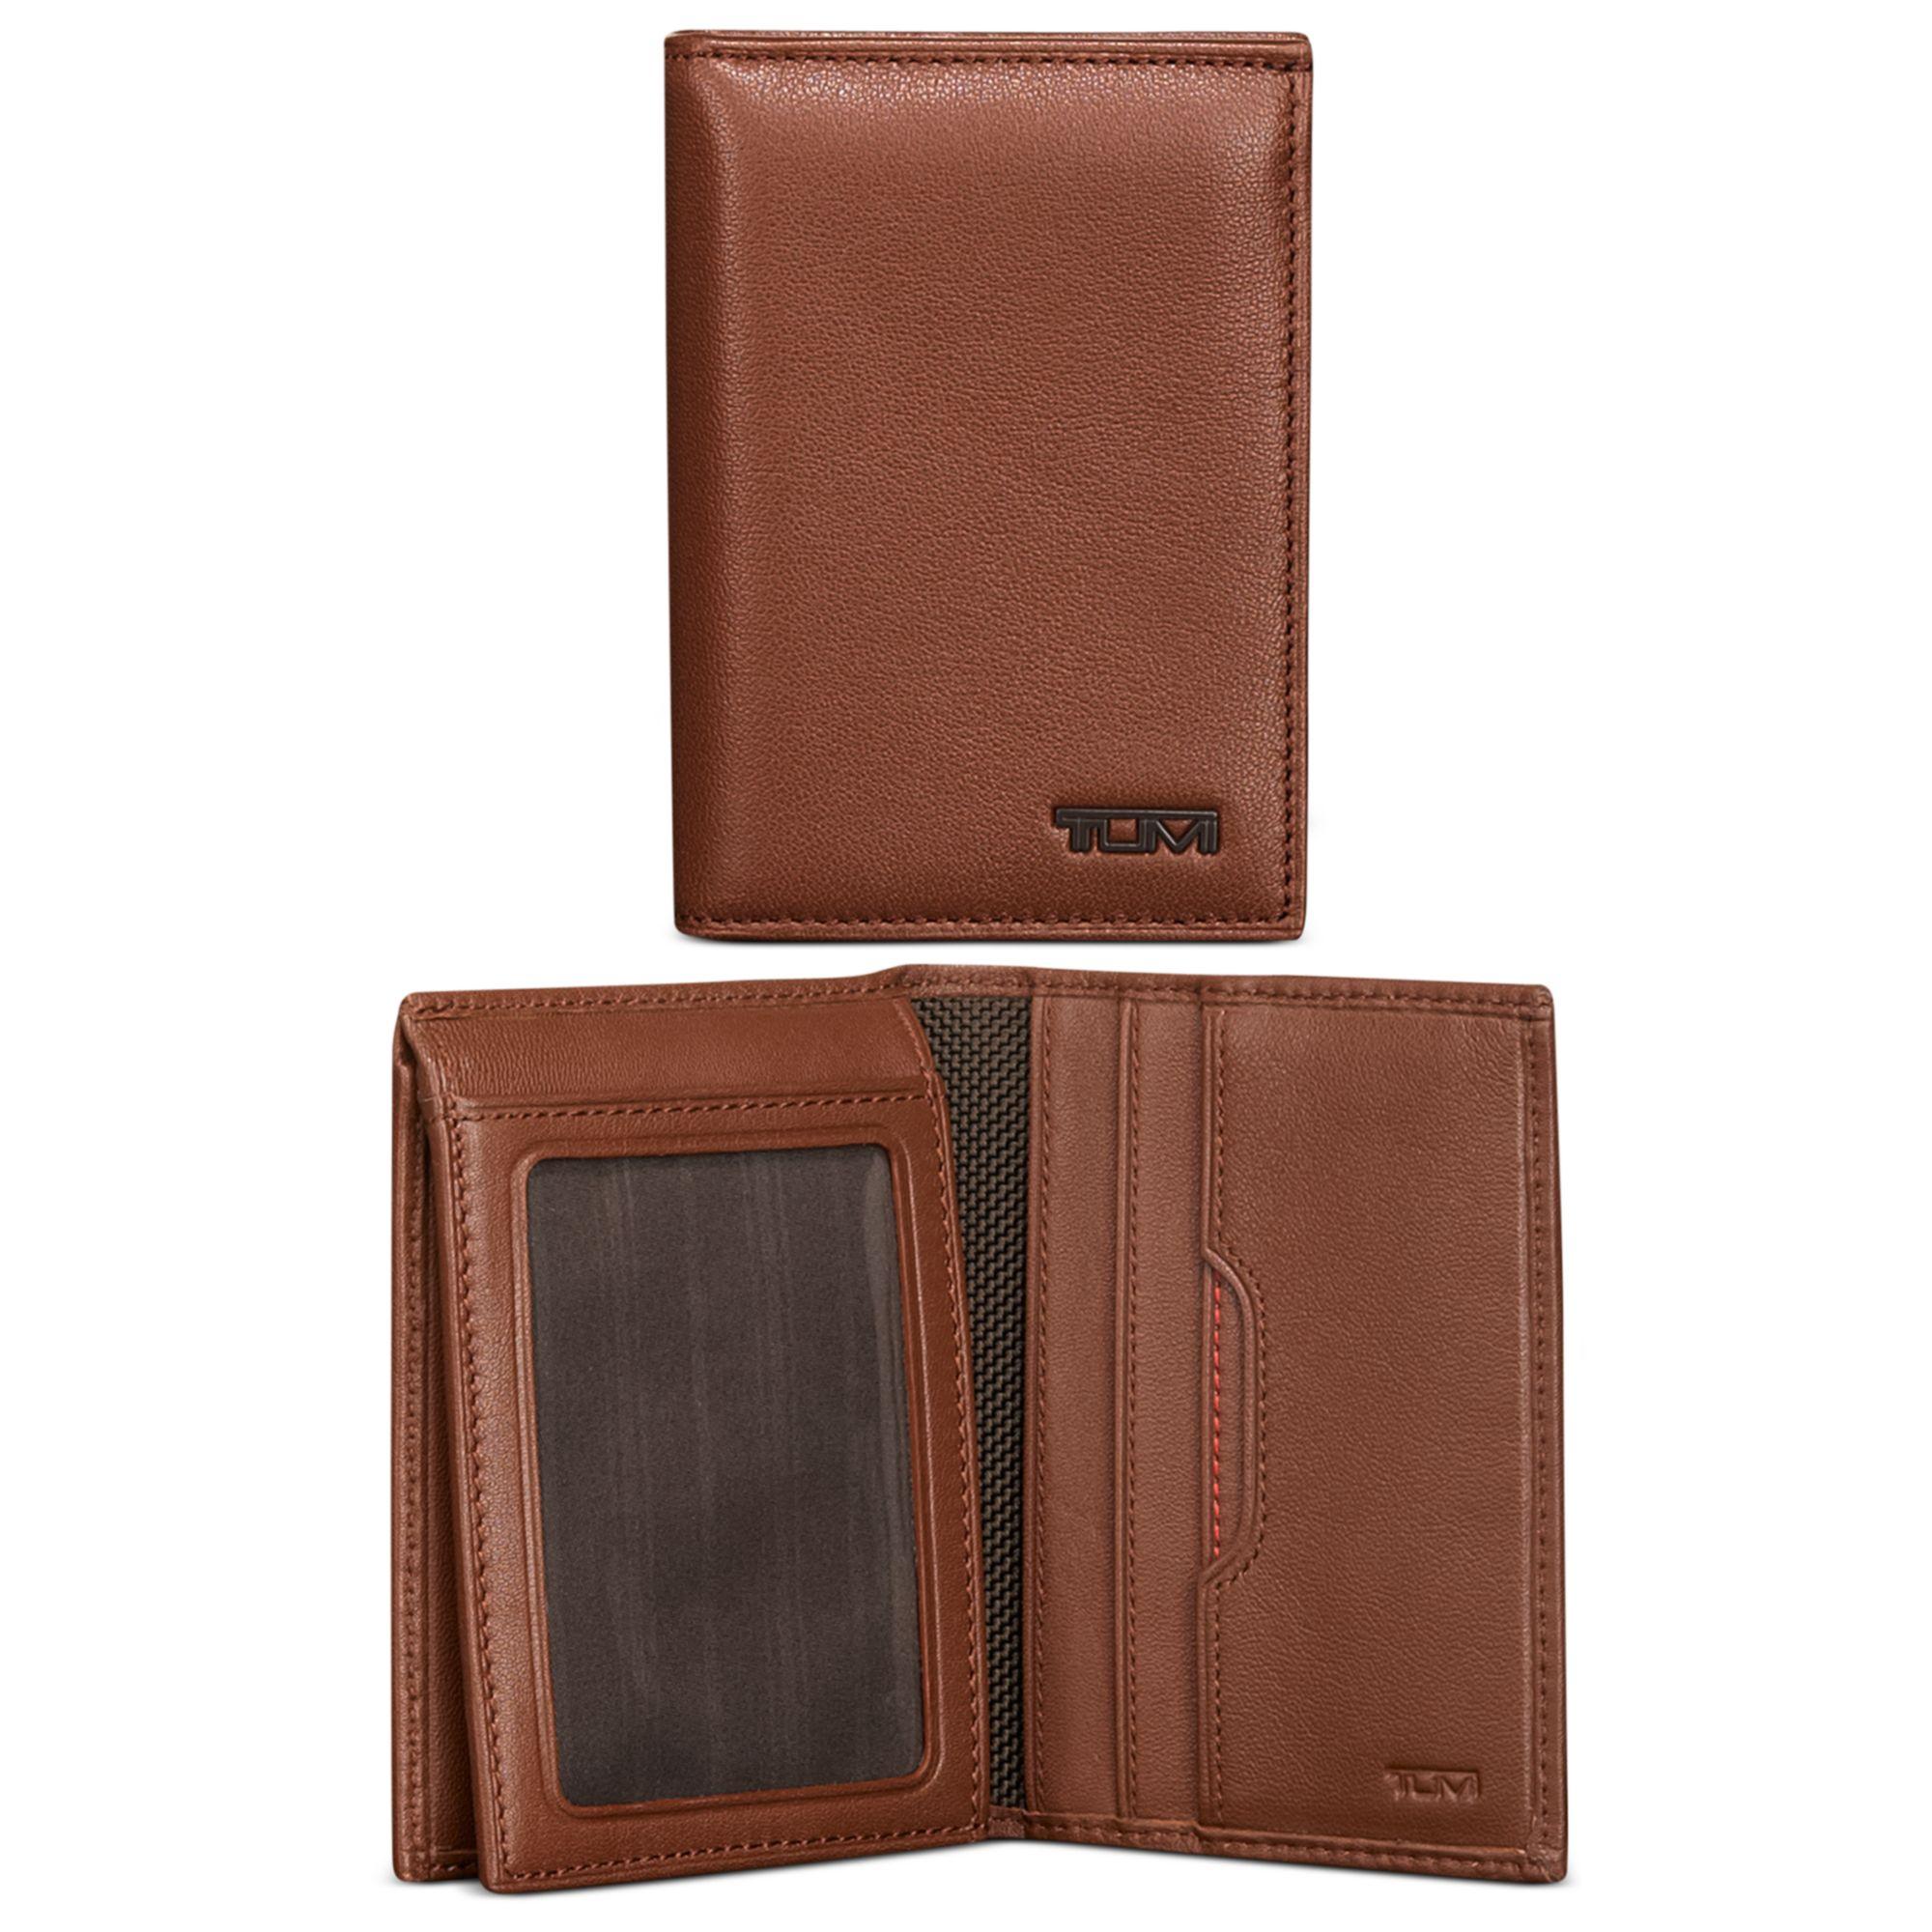 621ea35f7619 L Fold Wallets For Men - Best Photo Wallet Justiceforkenny.Org